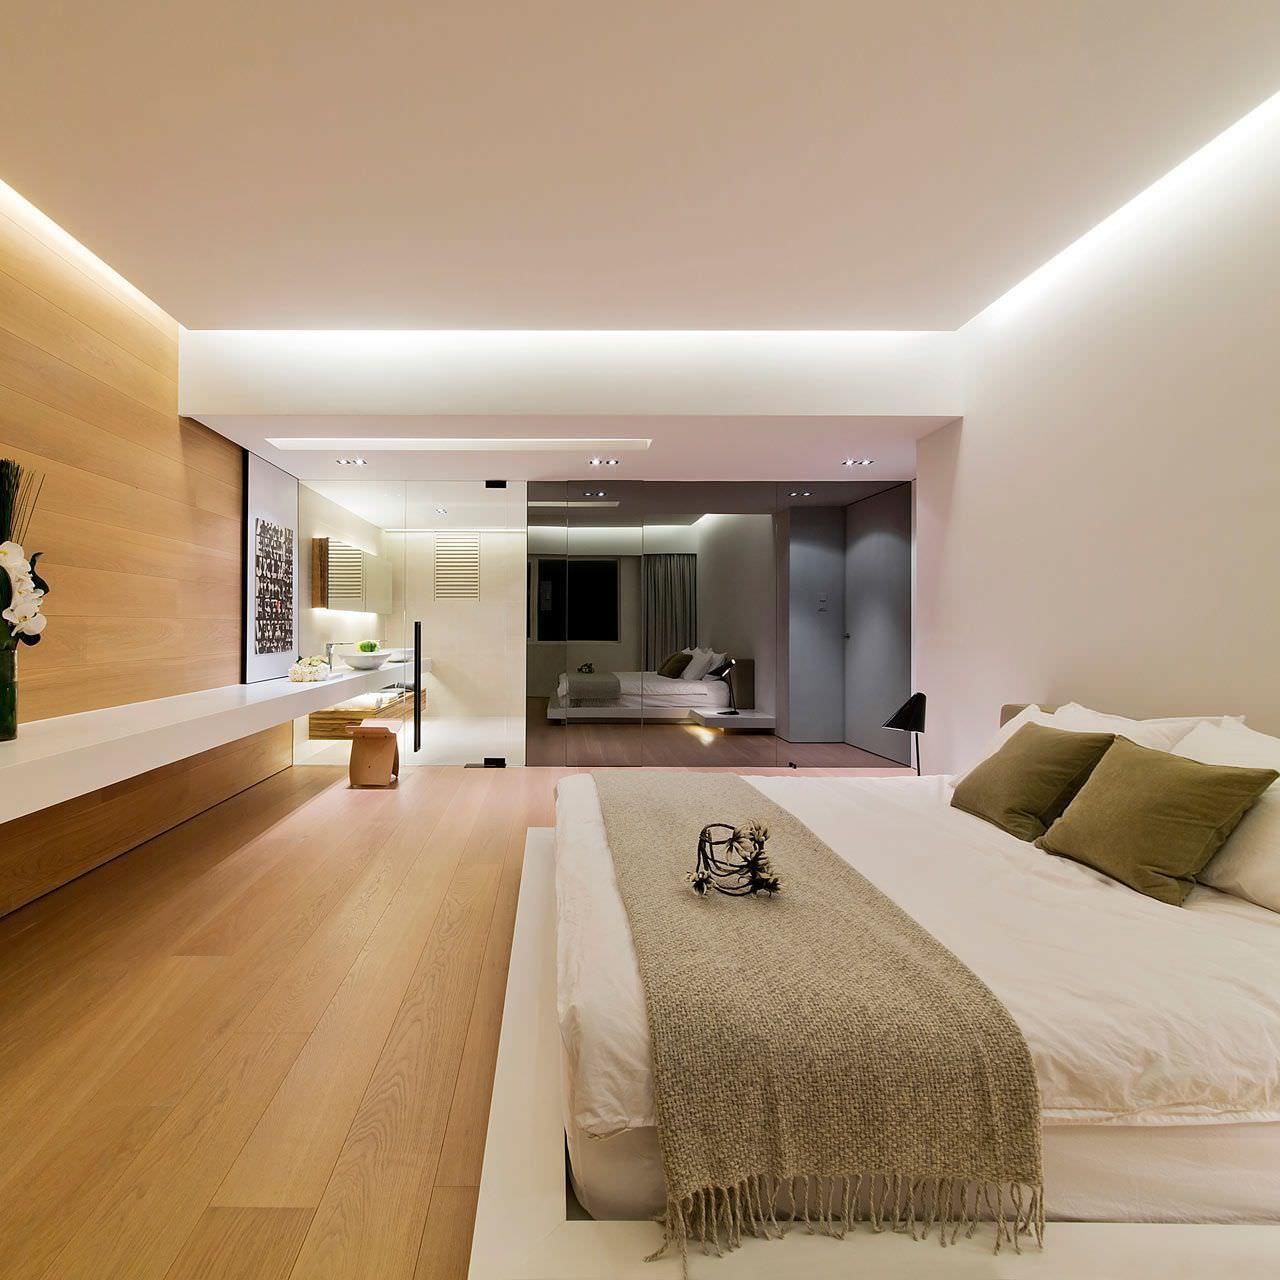 Pavimenti Camere Da Letto Moderne 100 idee camere da letto moderne • colori, illuminazione